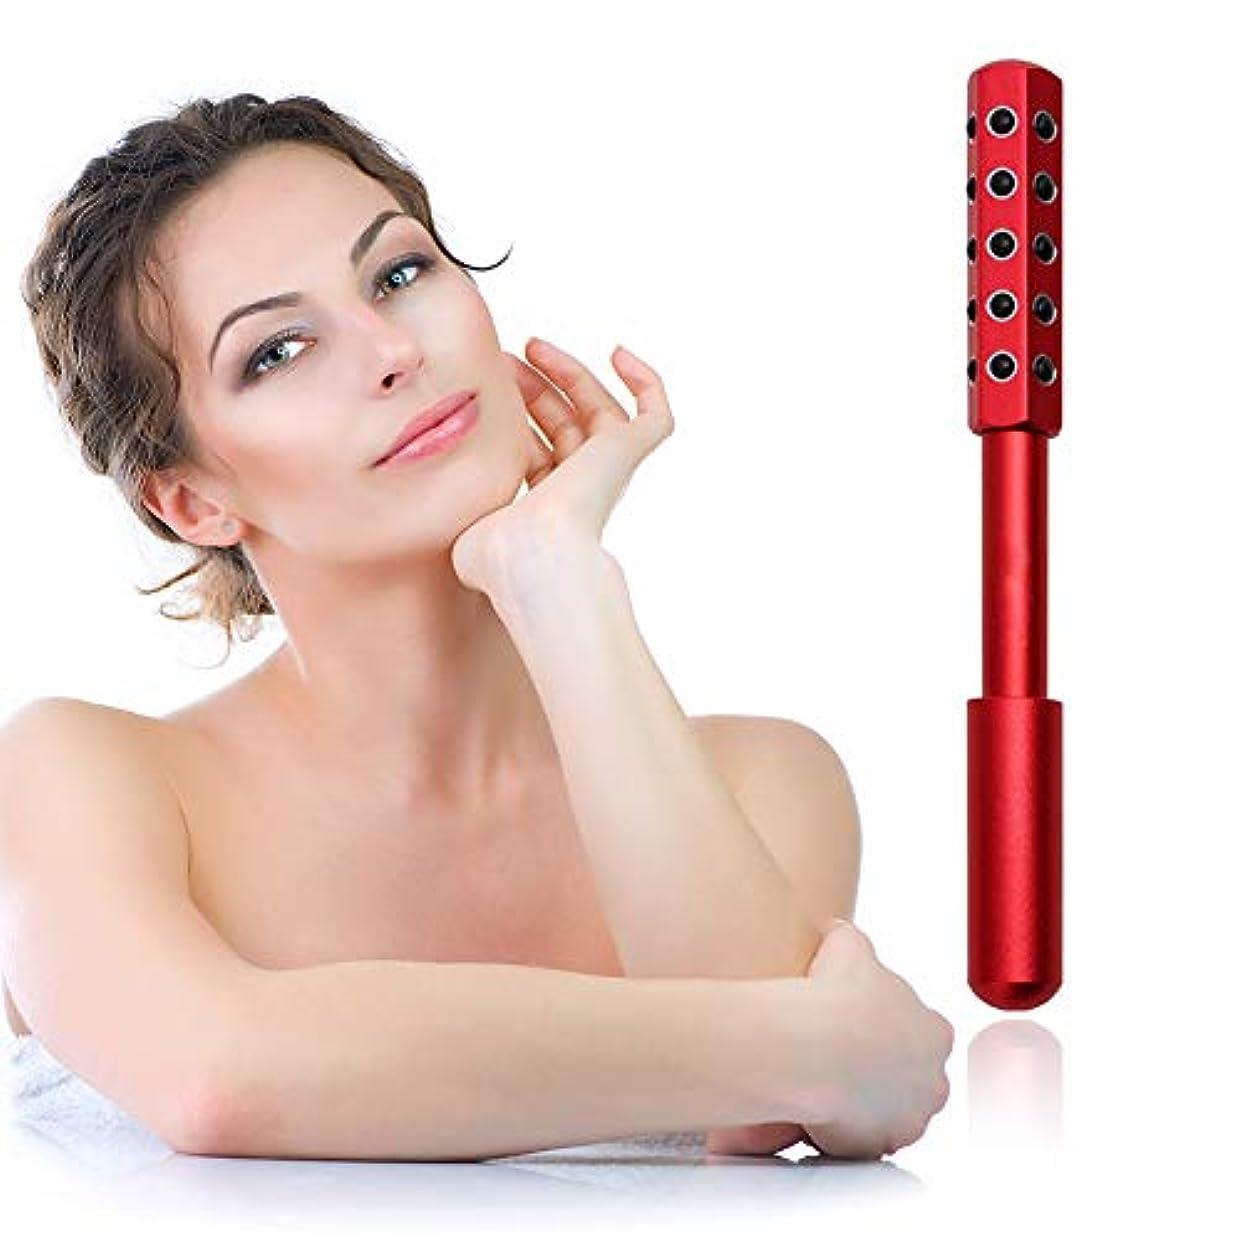 忌み嫌う入る野な顔と体のためのゲルマニウムマッサージ美容ローラーは、血液の循環を促進し、皮膚の引き締め、毒素、皮膚の抗しわをクリア